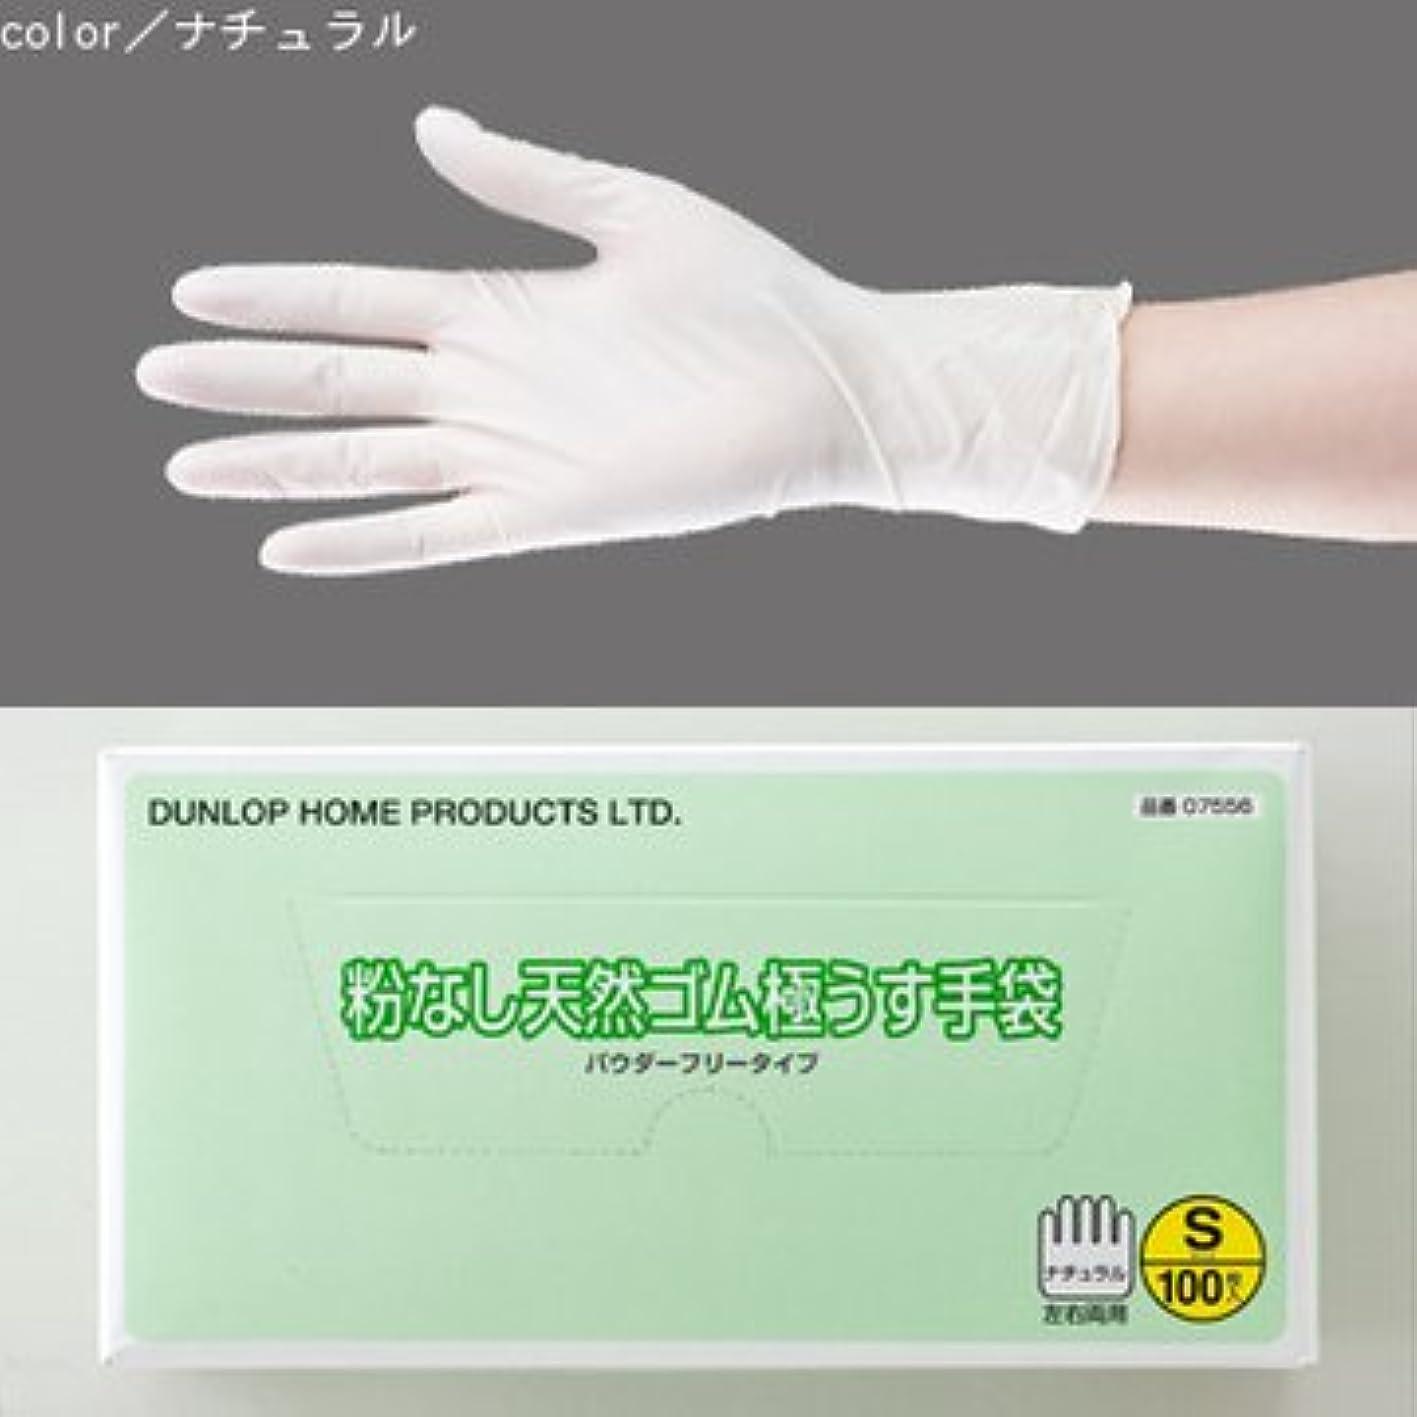 ミリメーター公爵ただやる粉なし天然ゴム極うす手袋 100枚入 (L)